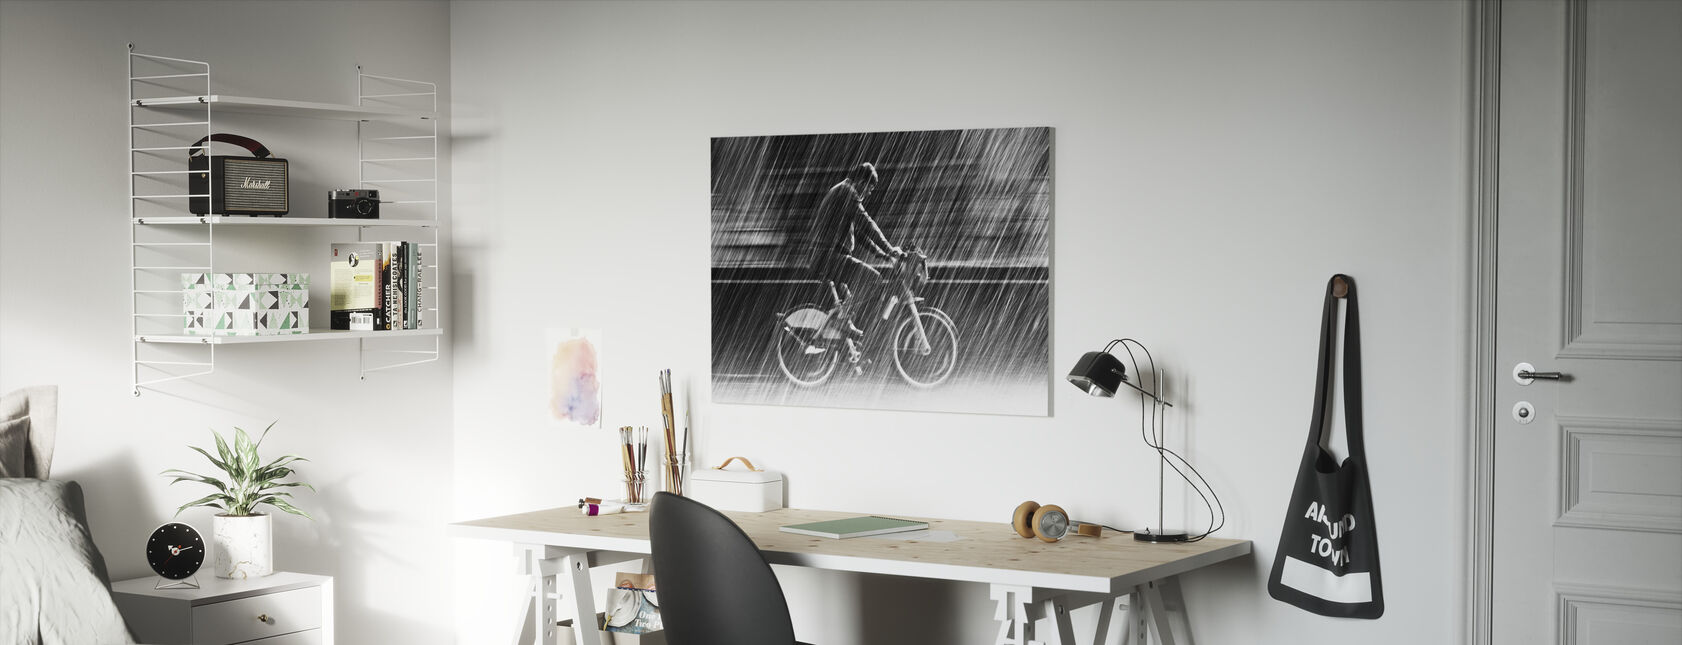 Polkupyörä sateessa - Canvastaulu - Lastenhuone